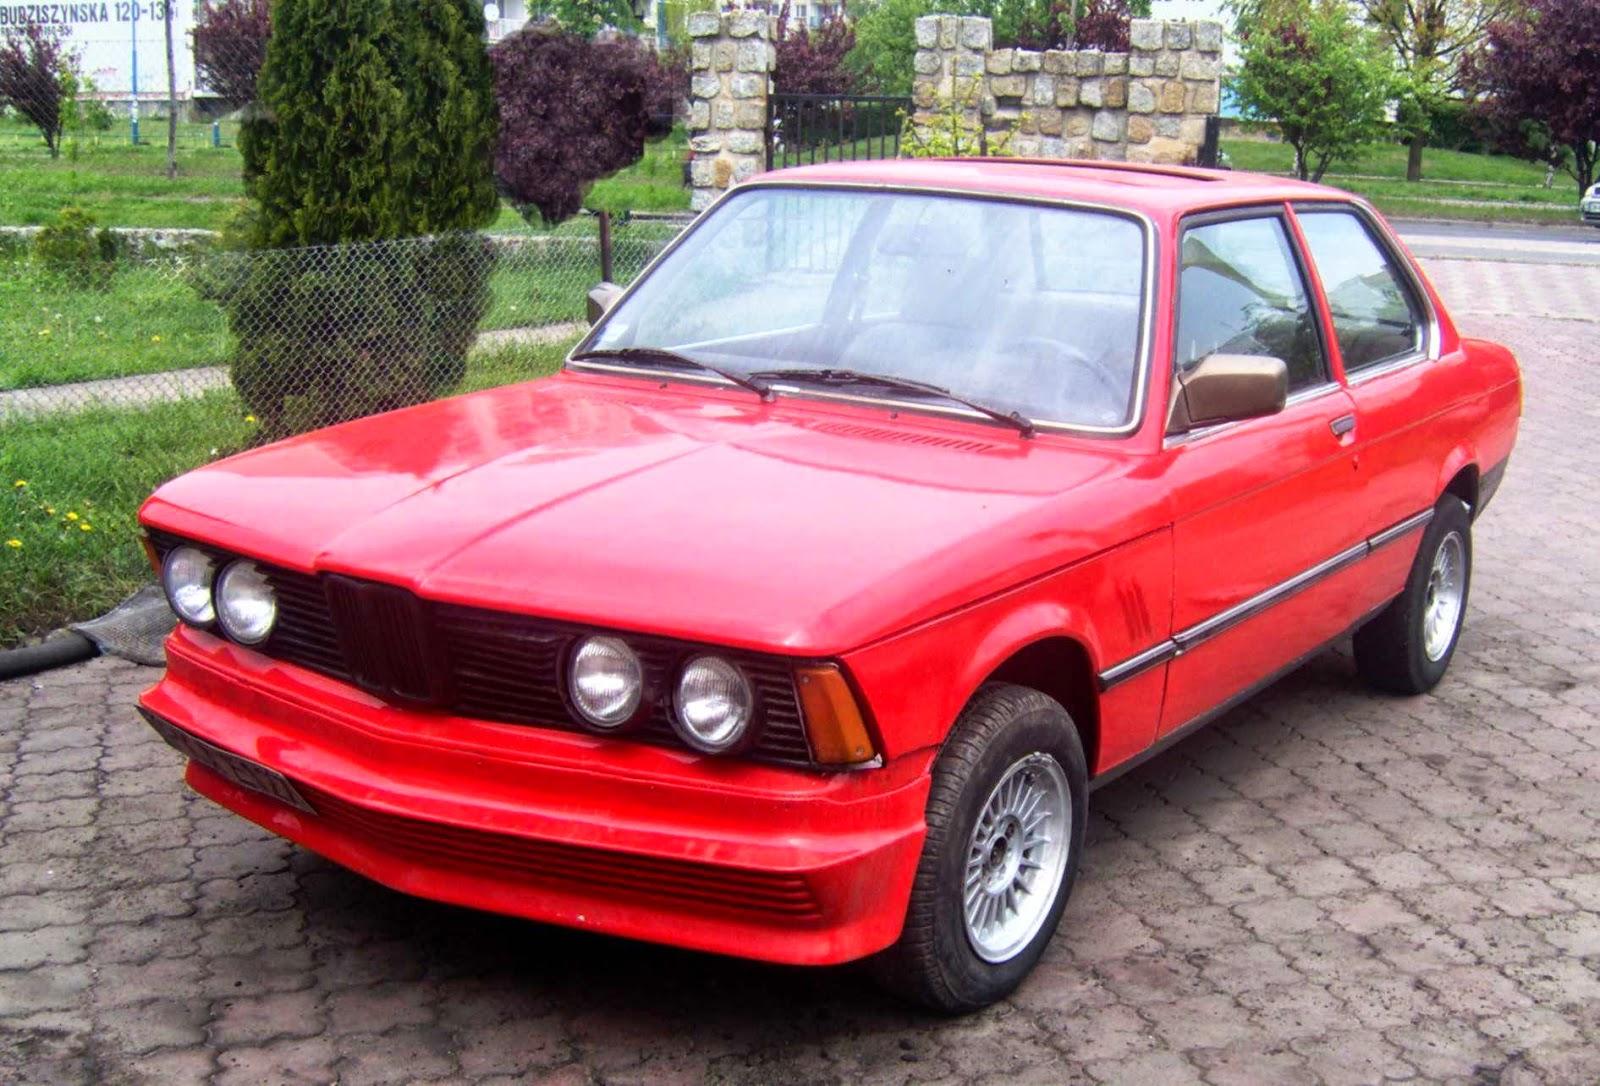 Bardzo dobra Warsztat Krzysztof Kłowaty: BMW E21 316 Rekin FU65